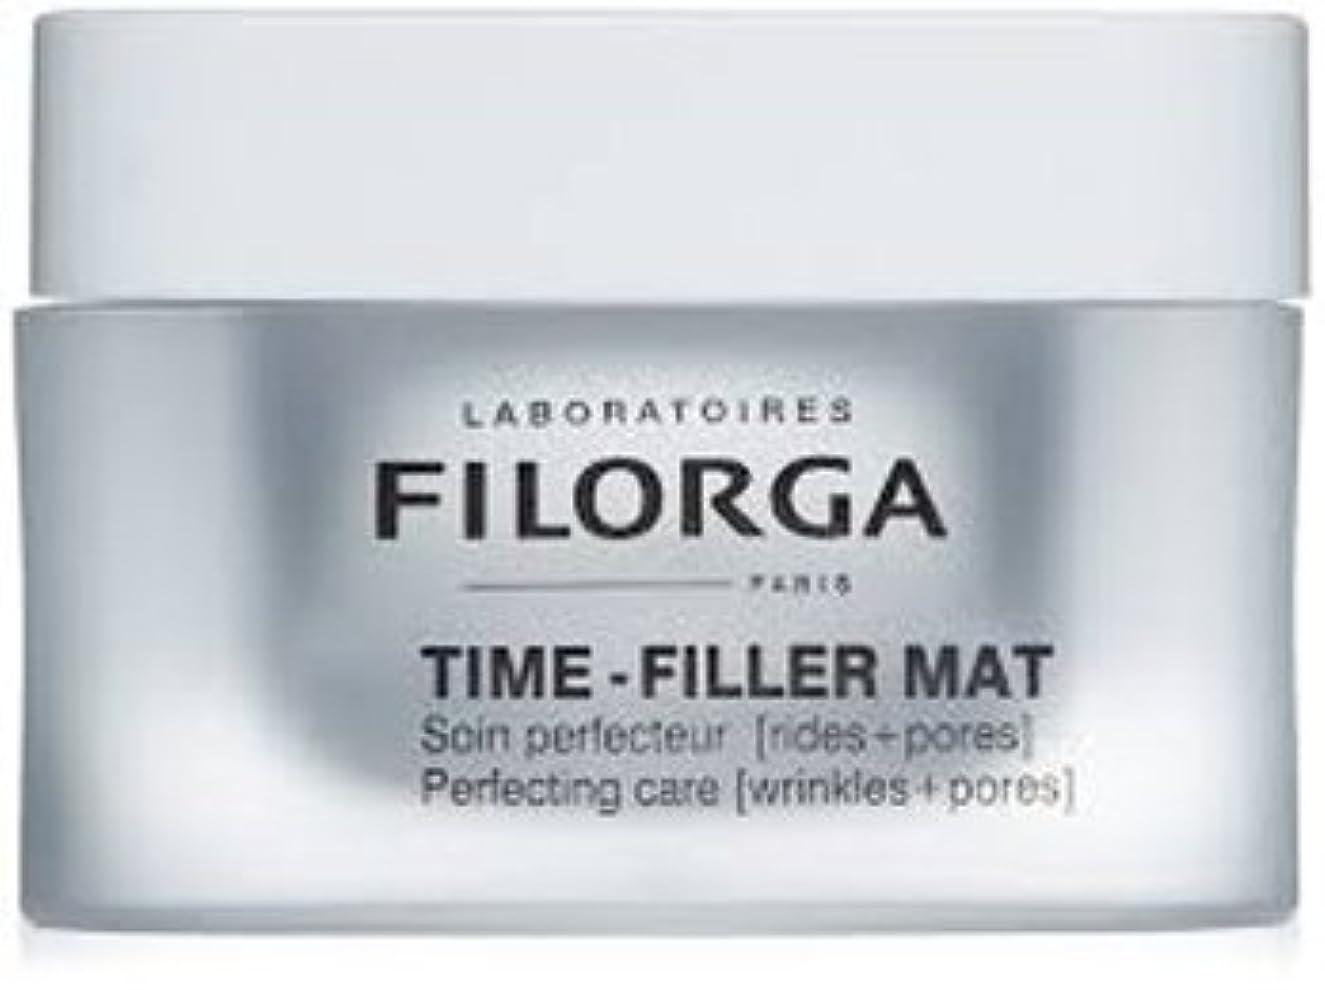 伝染性のお母さんコンベンション[フィロルガ] タイムフィラーMAT TIME FILLER MAT 50ml [海外直送品][フランス直送品] [並行輸入品]